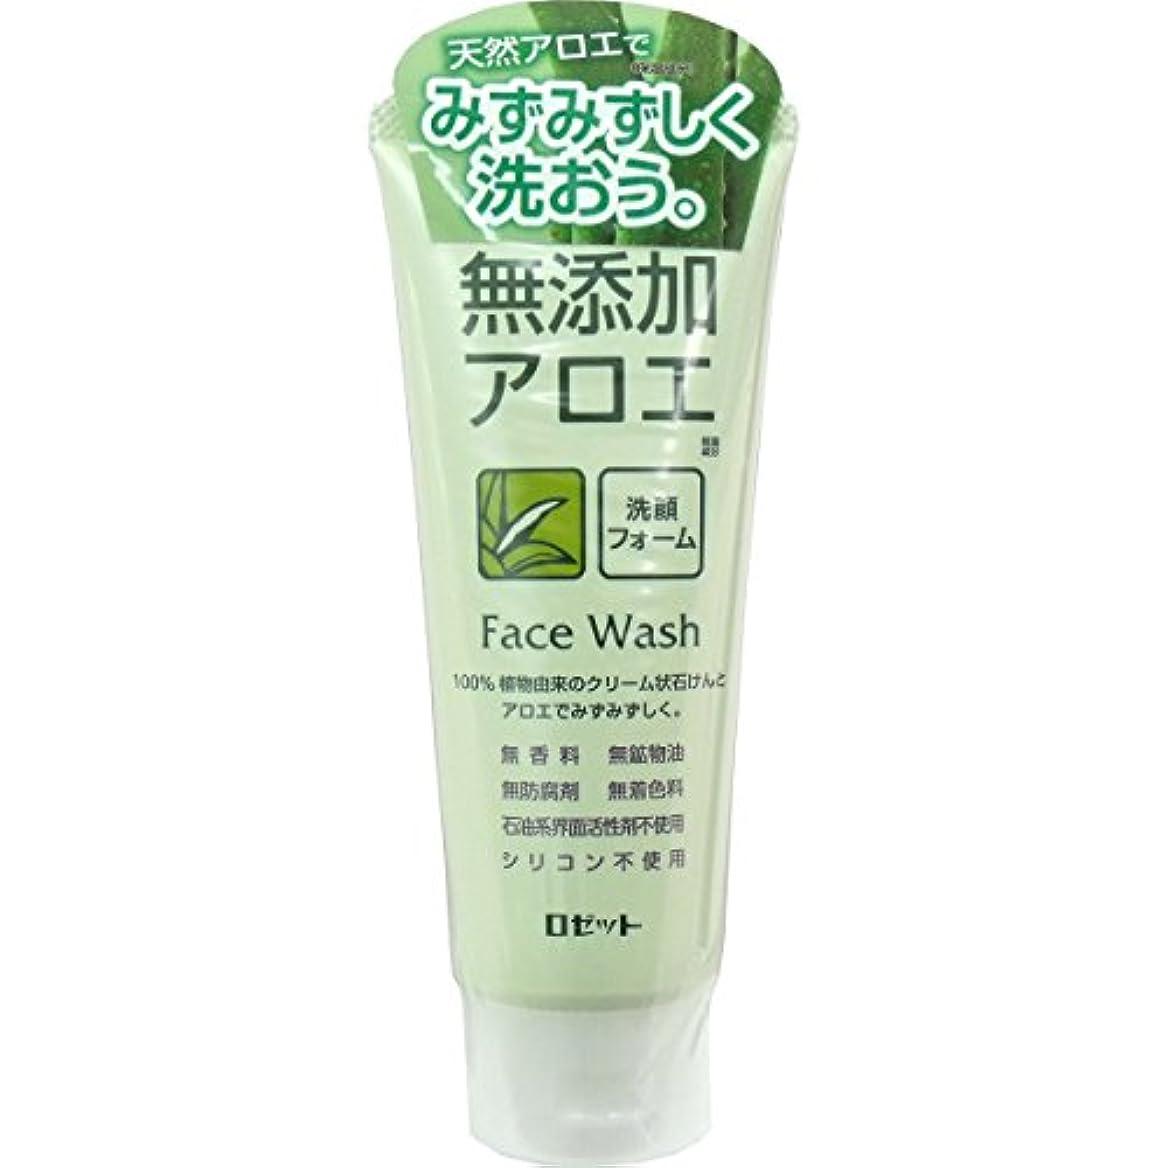 関数マニアック勧告【ロゼット】無添加アロエ 洗顔フォーム 140g ×20個セット